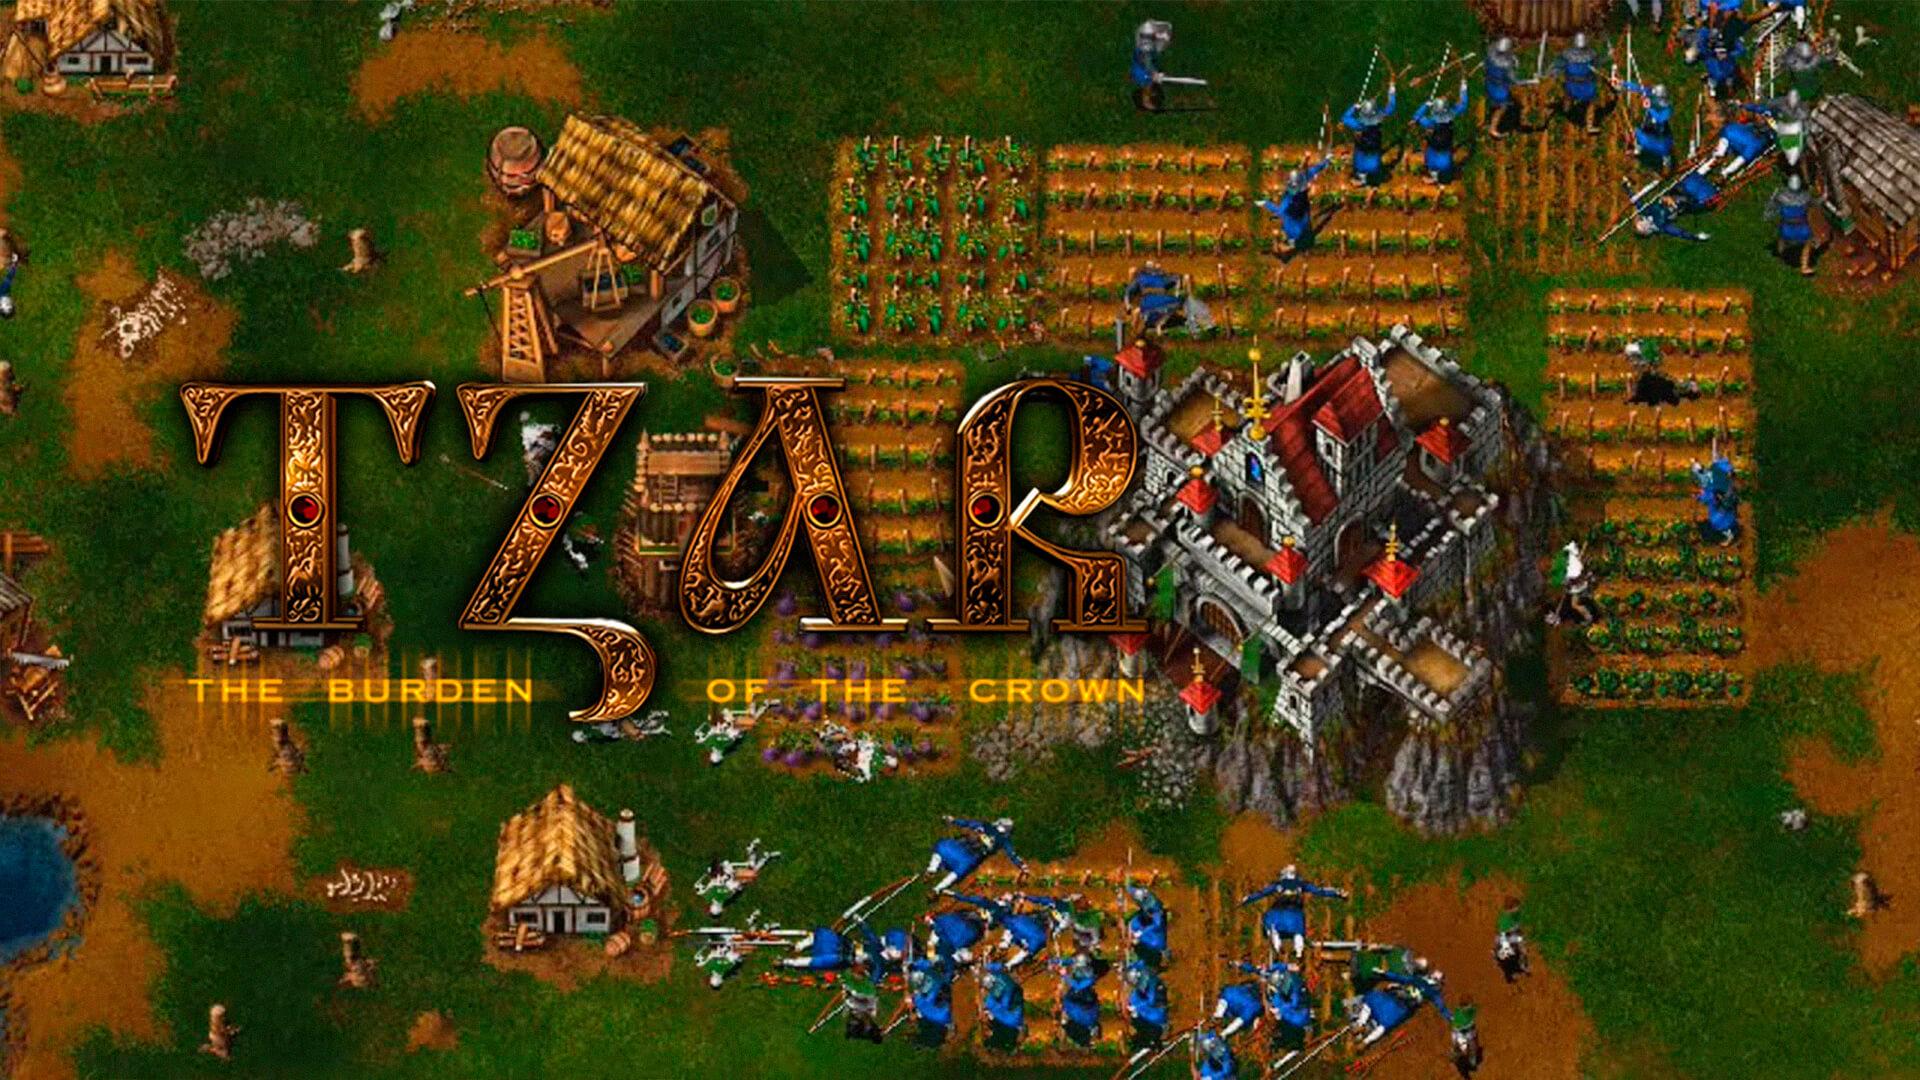 Um fã espanhol de Tzar The Burden of the Crown (Tzared) decidiu recriar mo aclamado game dos anos 2000 diretamente no navegador.